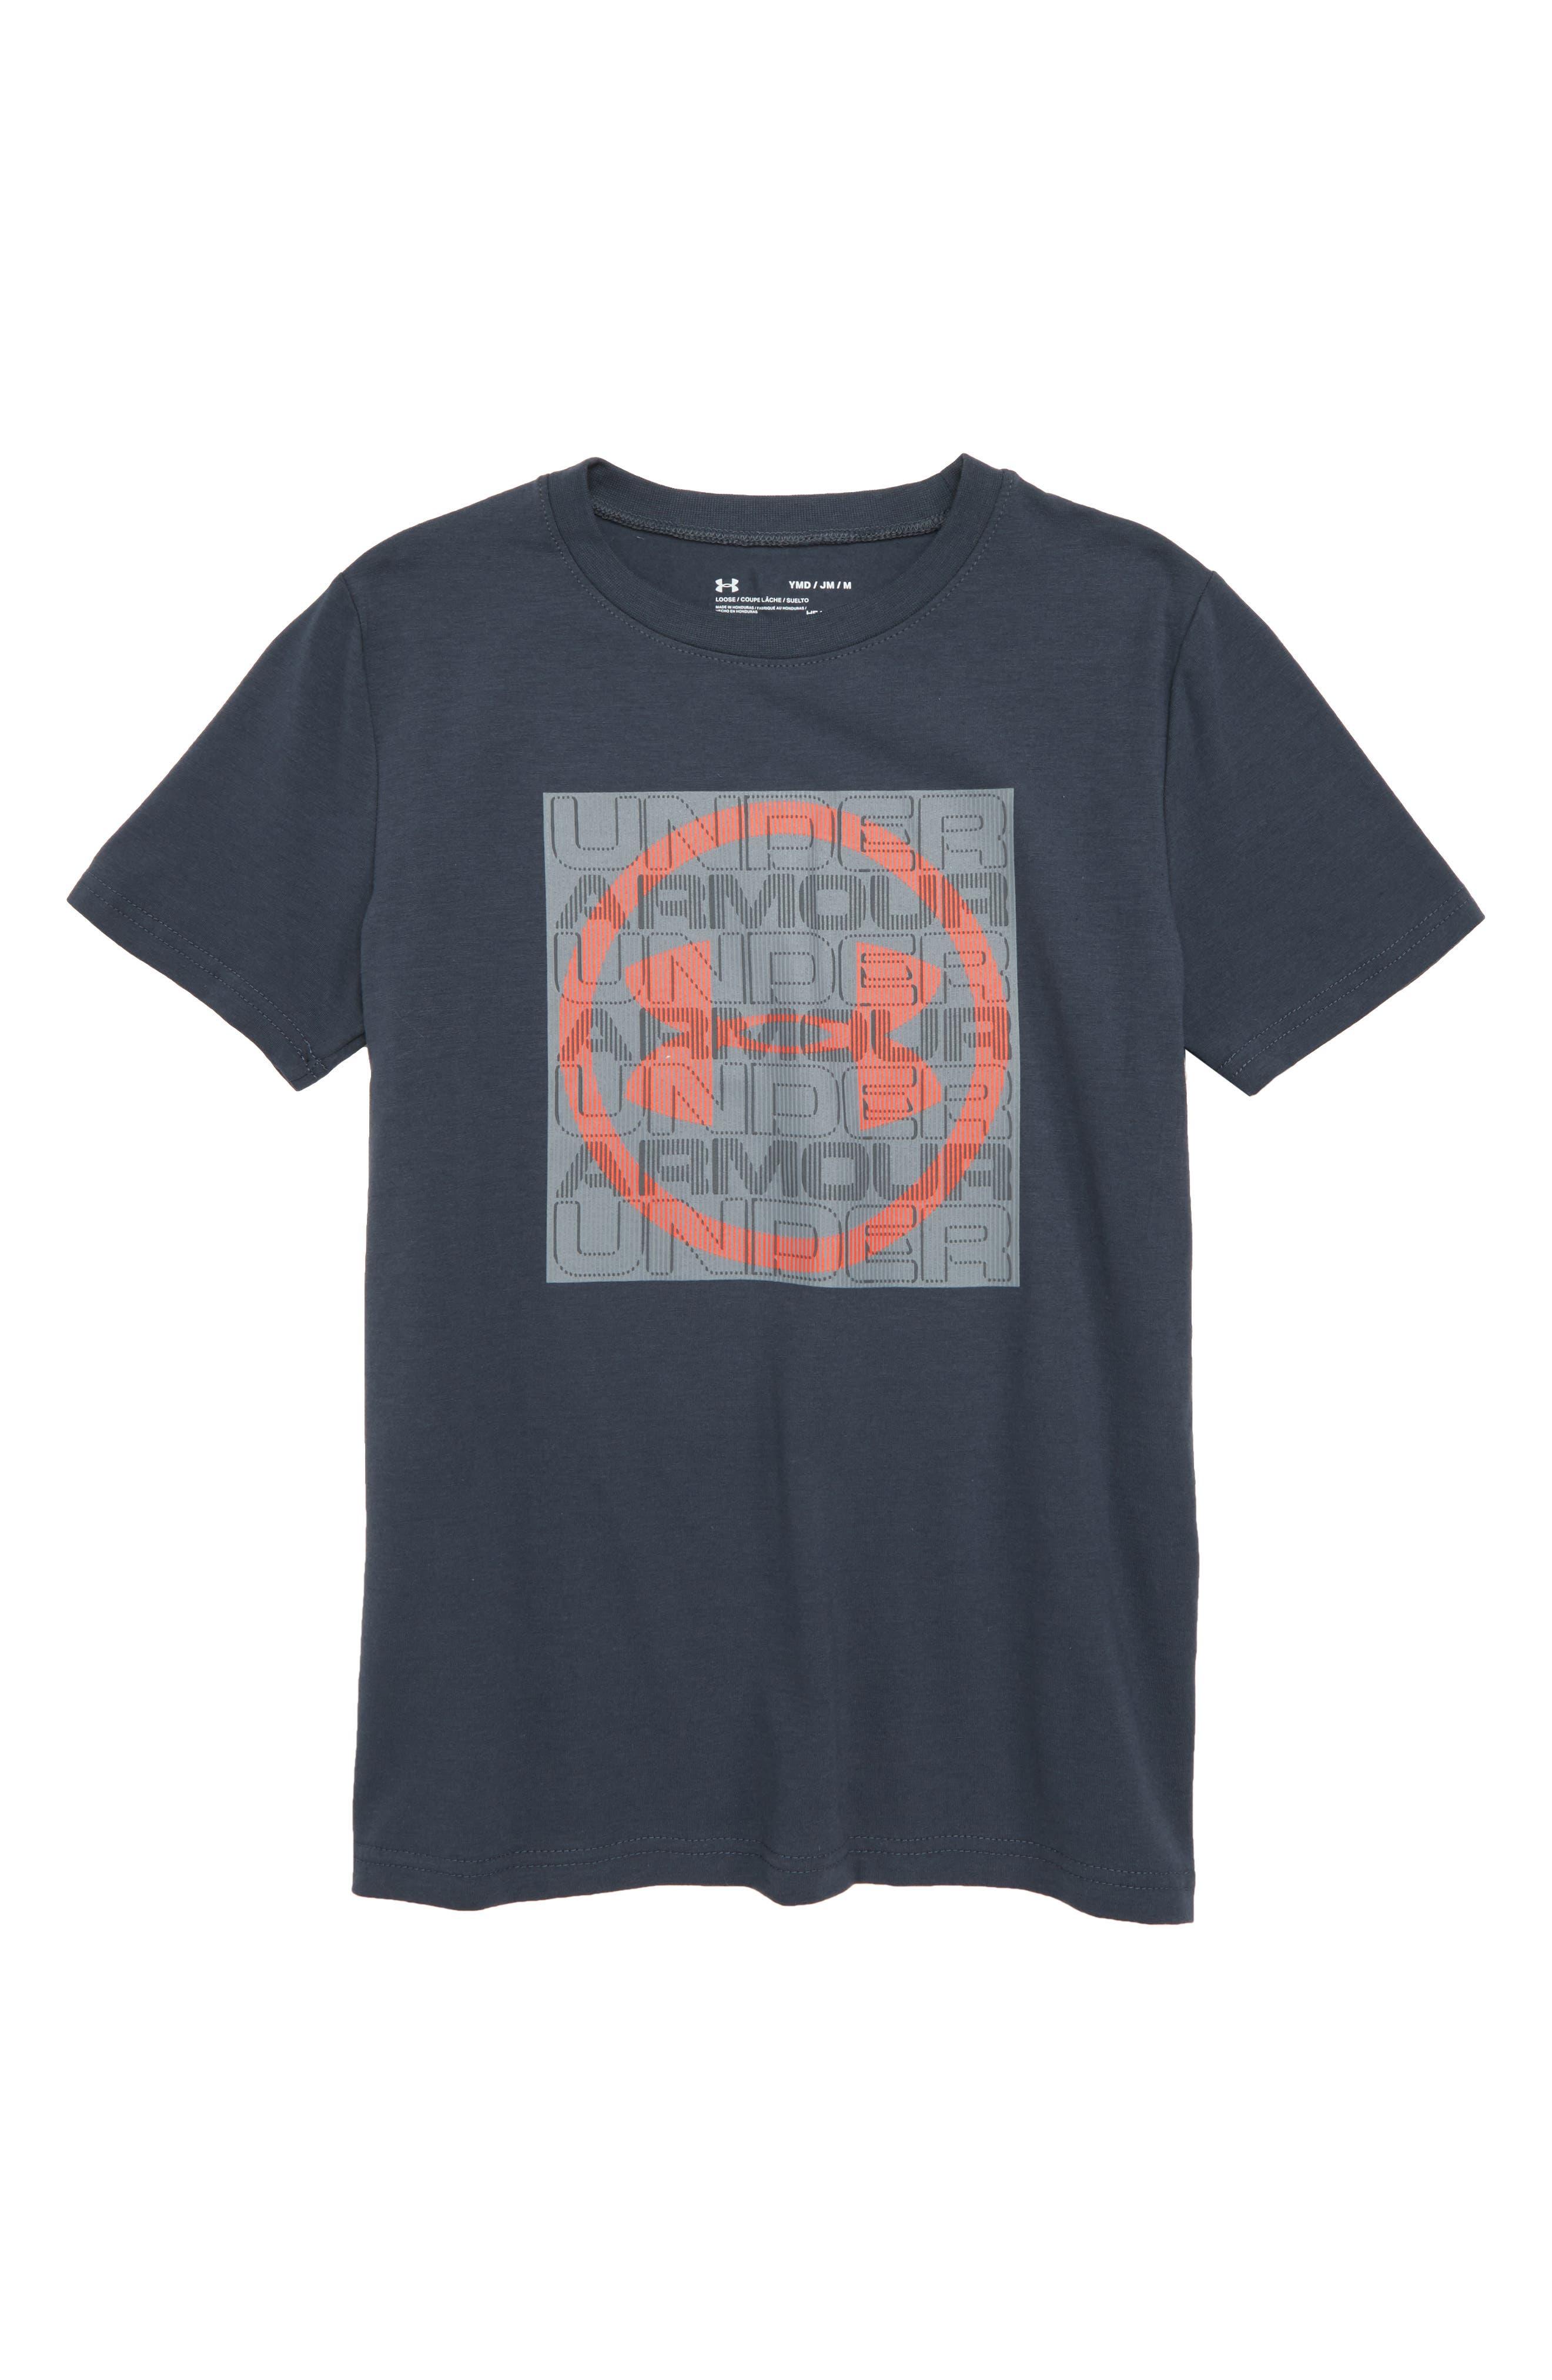 Visualogo T-Shirt,                             Main thumbnail 1, color,                             020